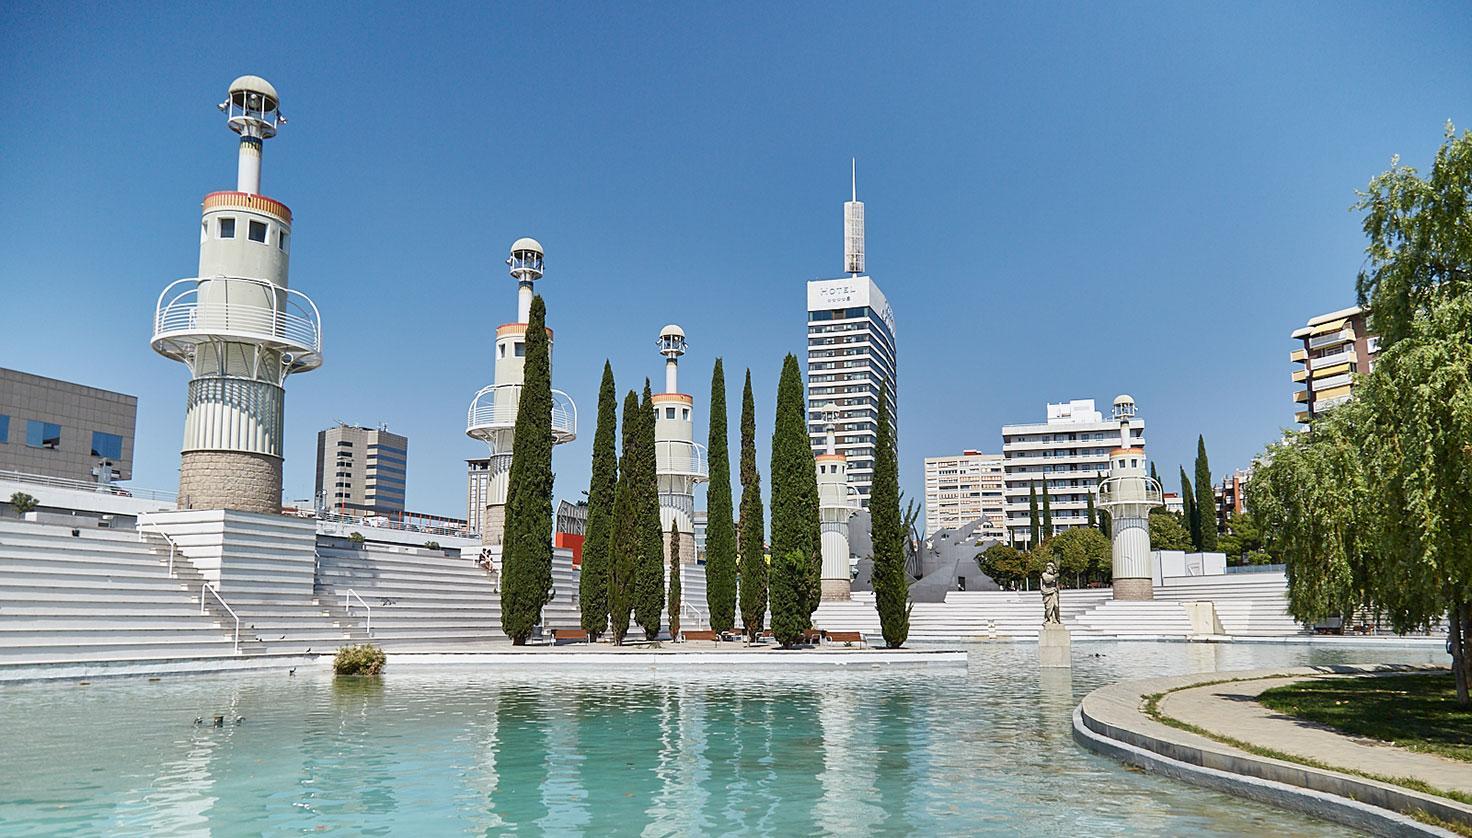 Foto Parc de l'Espanya Industrial - Monserrat Ruiz